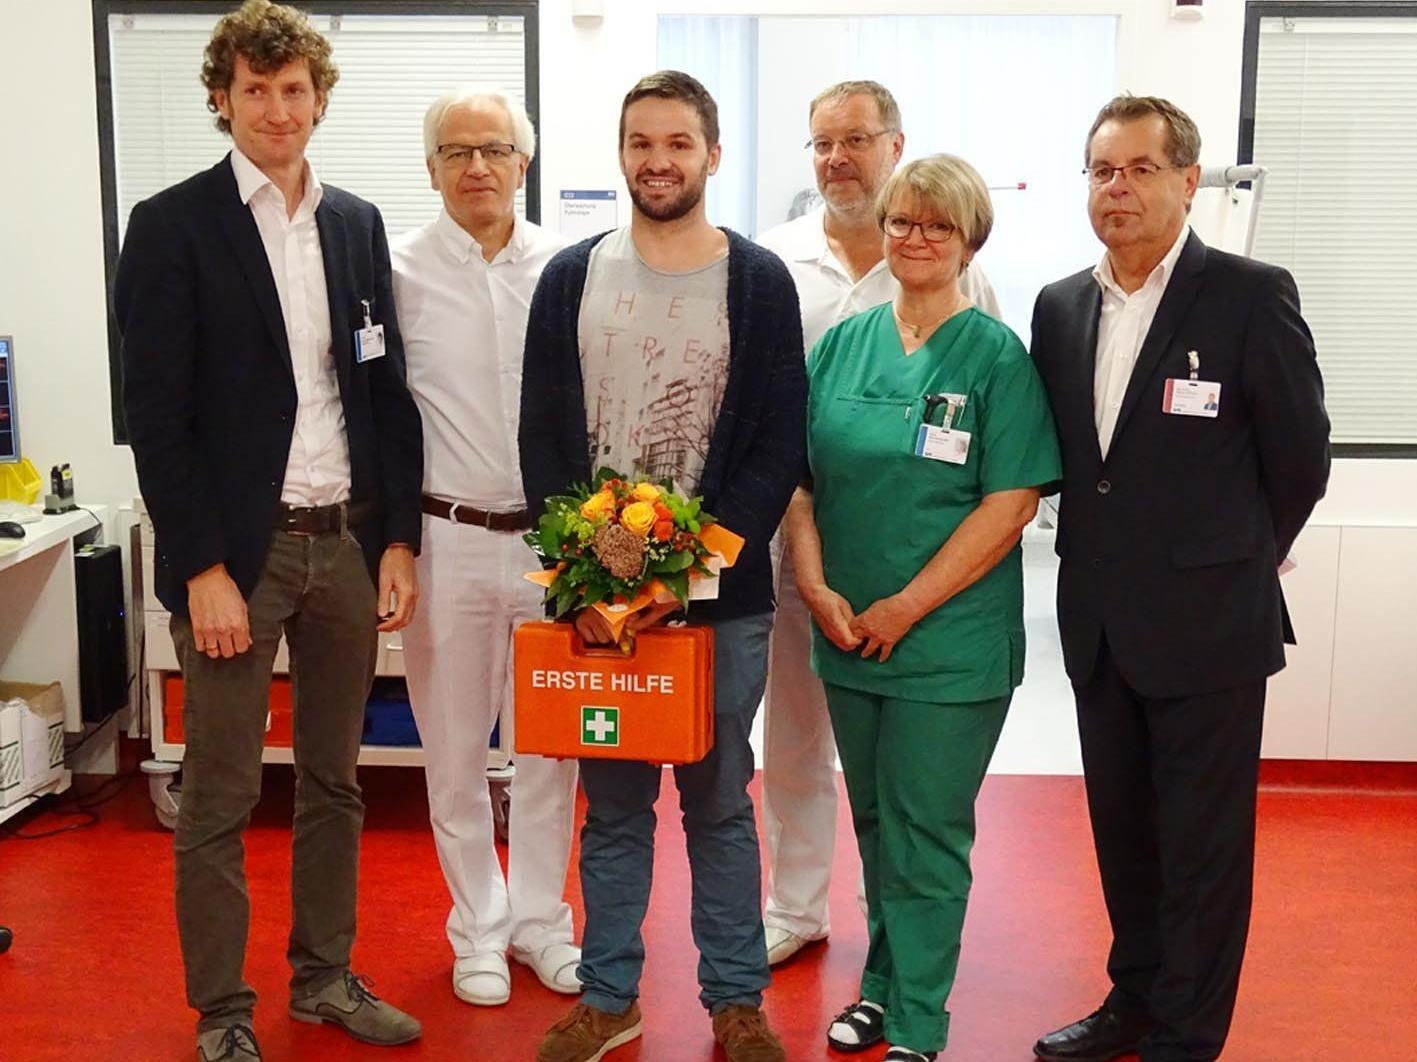 Der erfolgreich in der Emser Tageschirurgie operierte Eishockeycrack Michael Kutzer  mit Gratulanten.